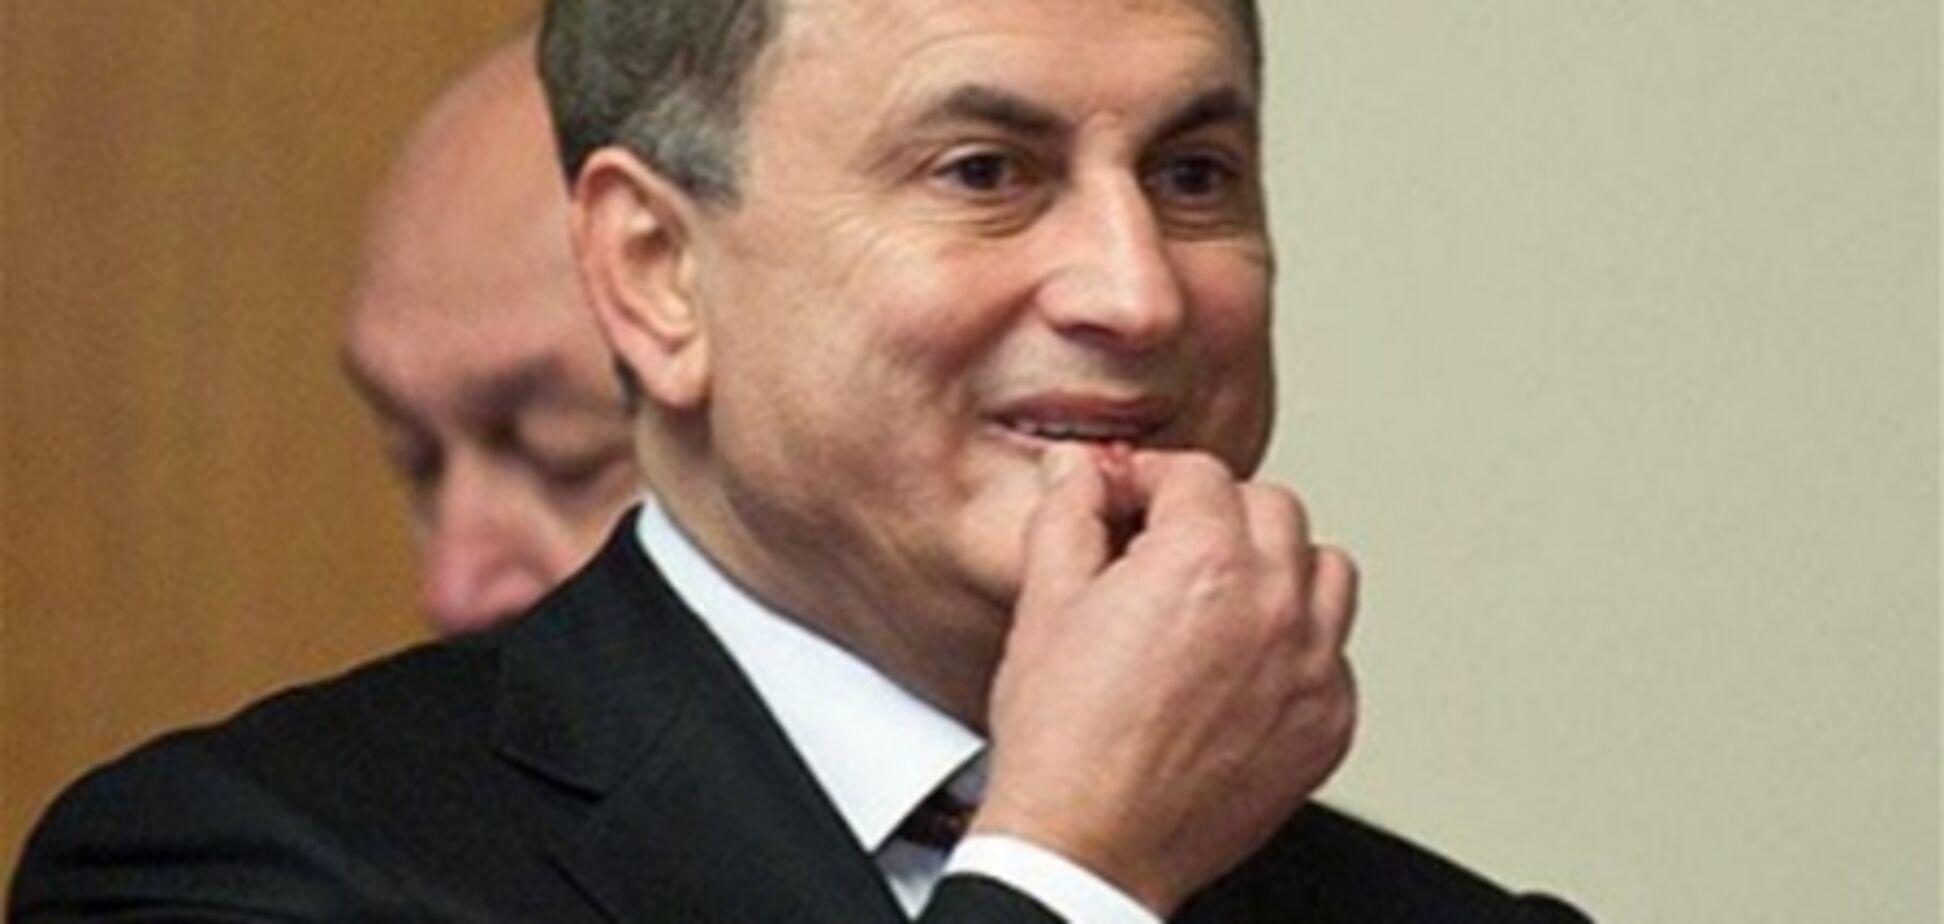 Дворец спорта в Донецке получит еще 1,7 млн гривен